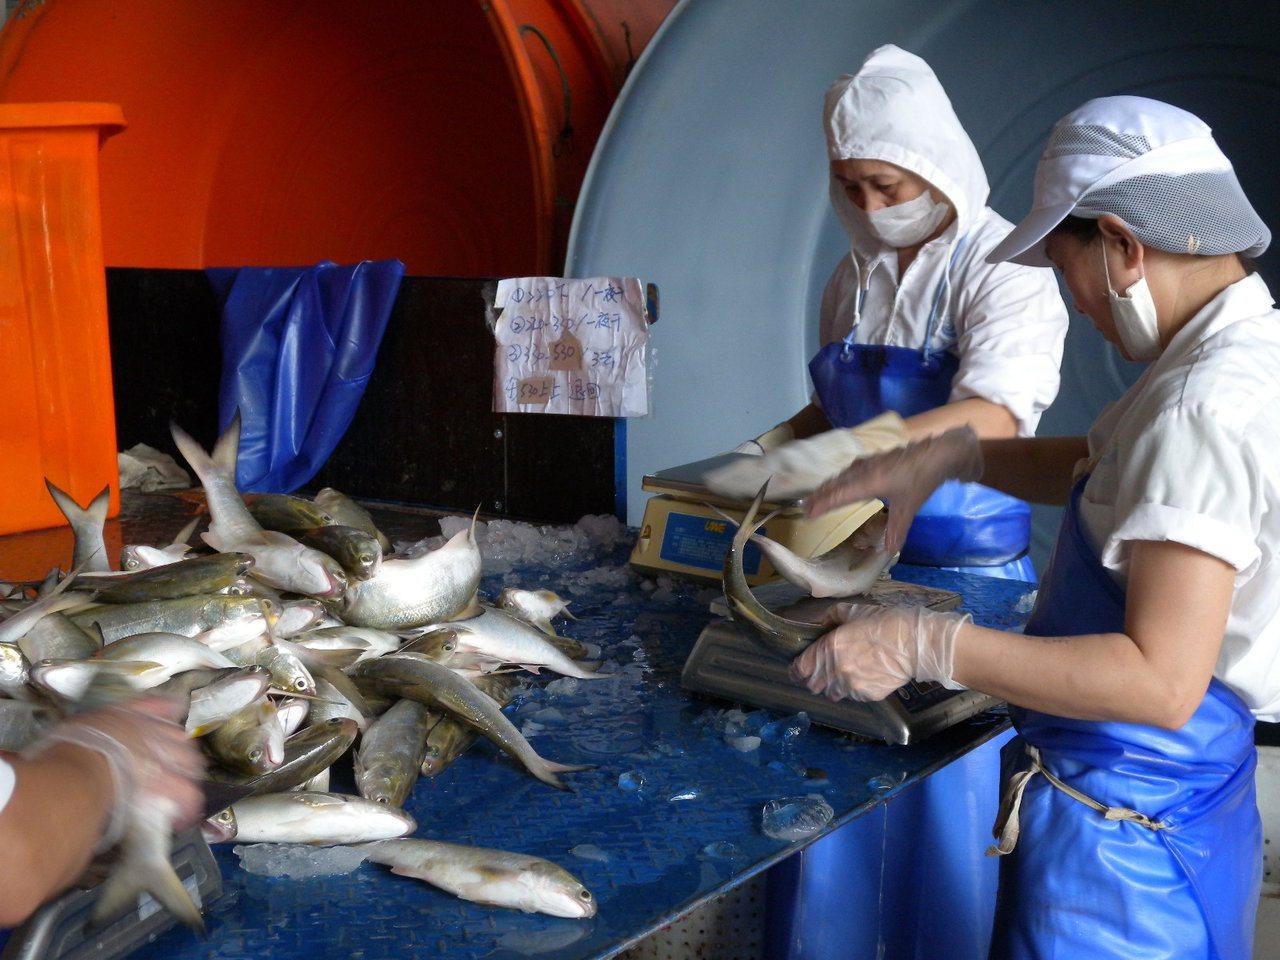 業者正在替午仔魚分類秤重。記者蔣繼平/翻攝